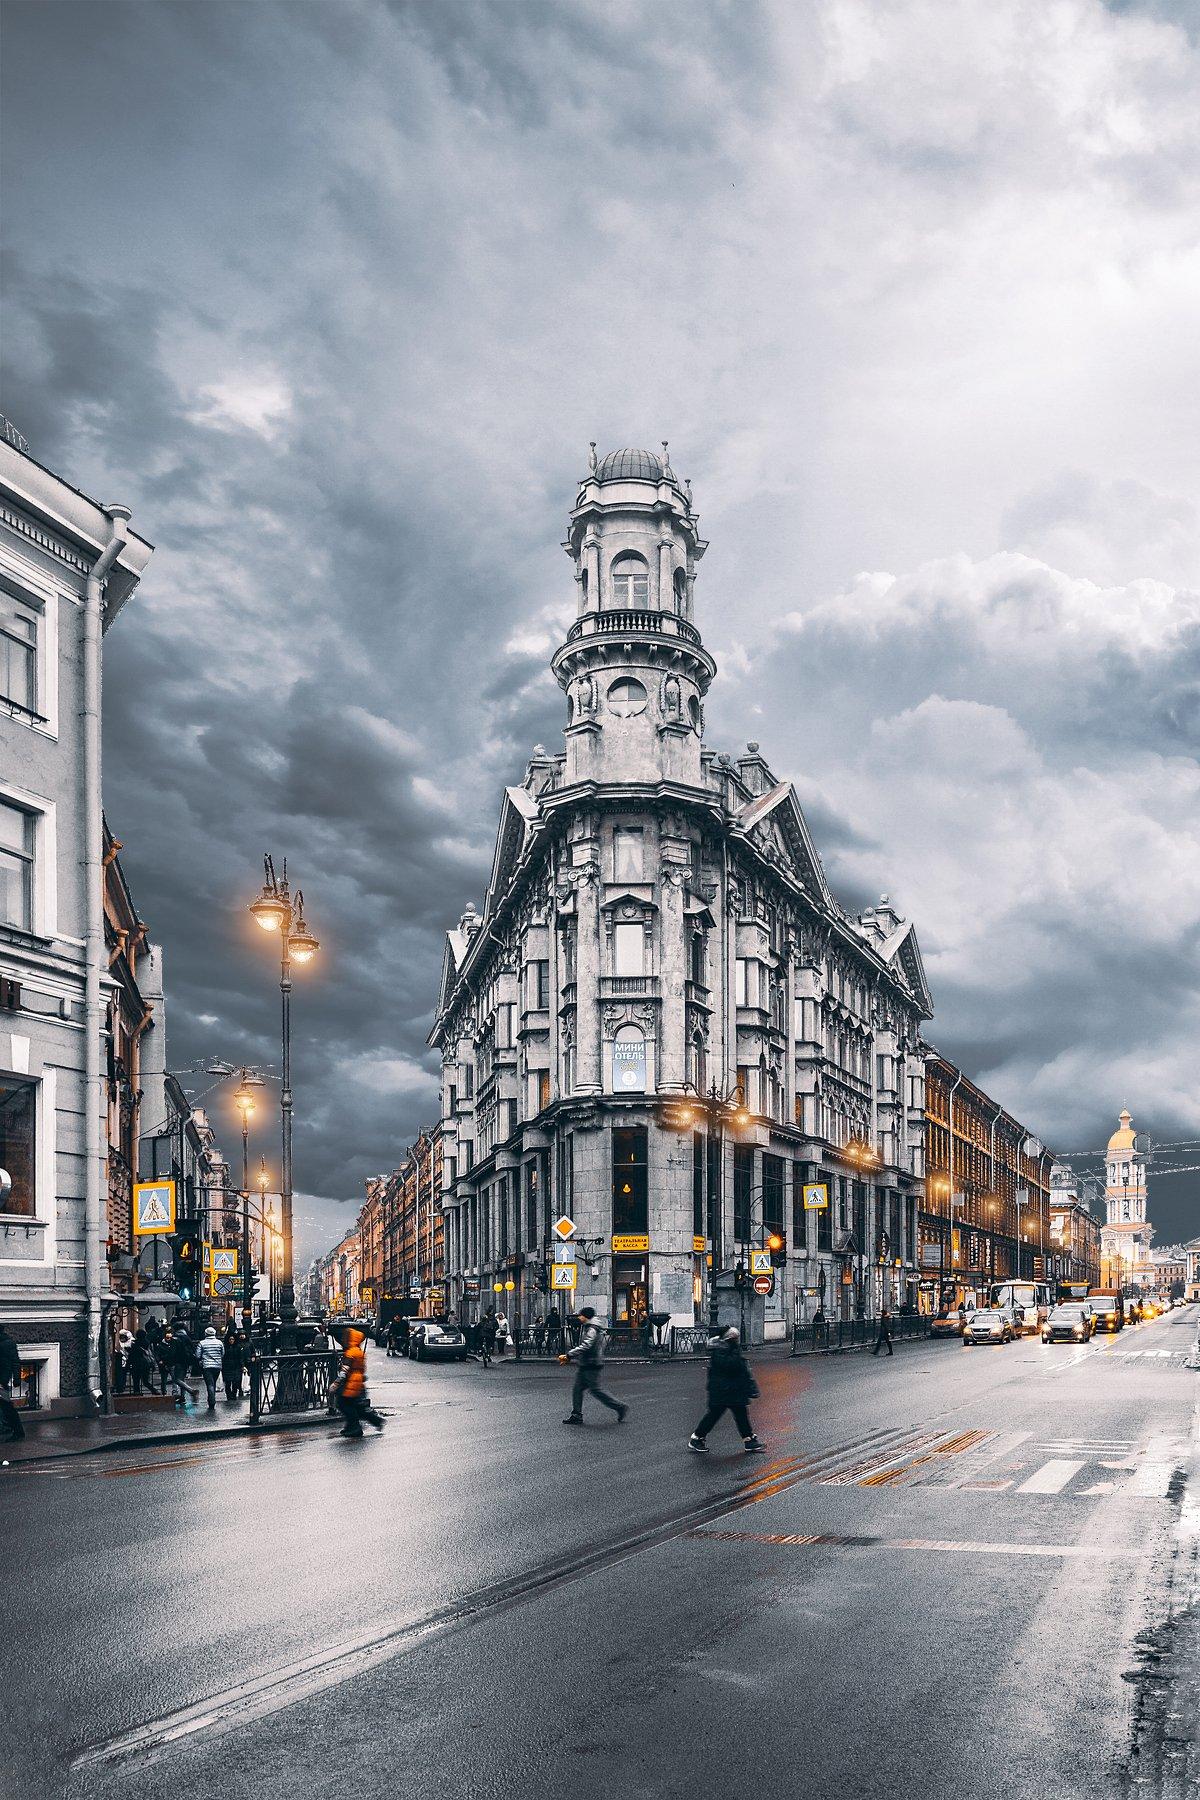 #snow, #winter, #city, #город, #зима, #снег, #спб, Andrei Mikhailov